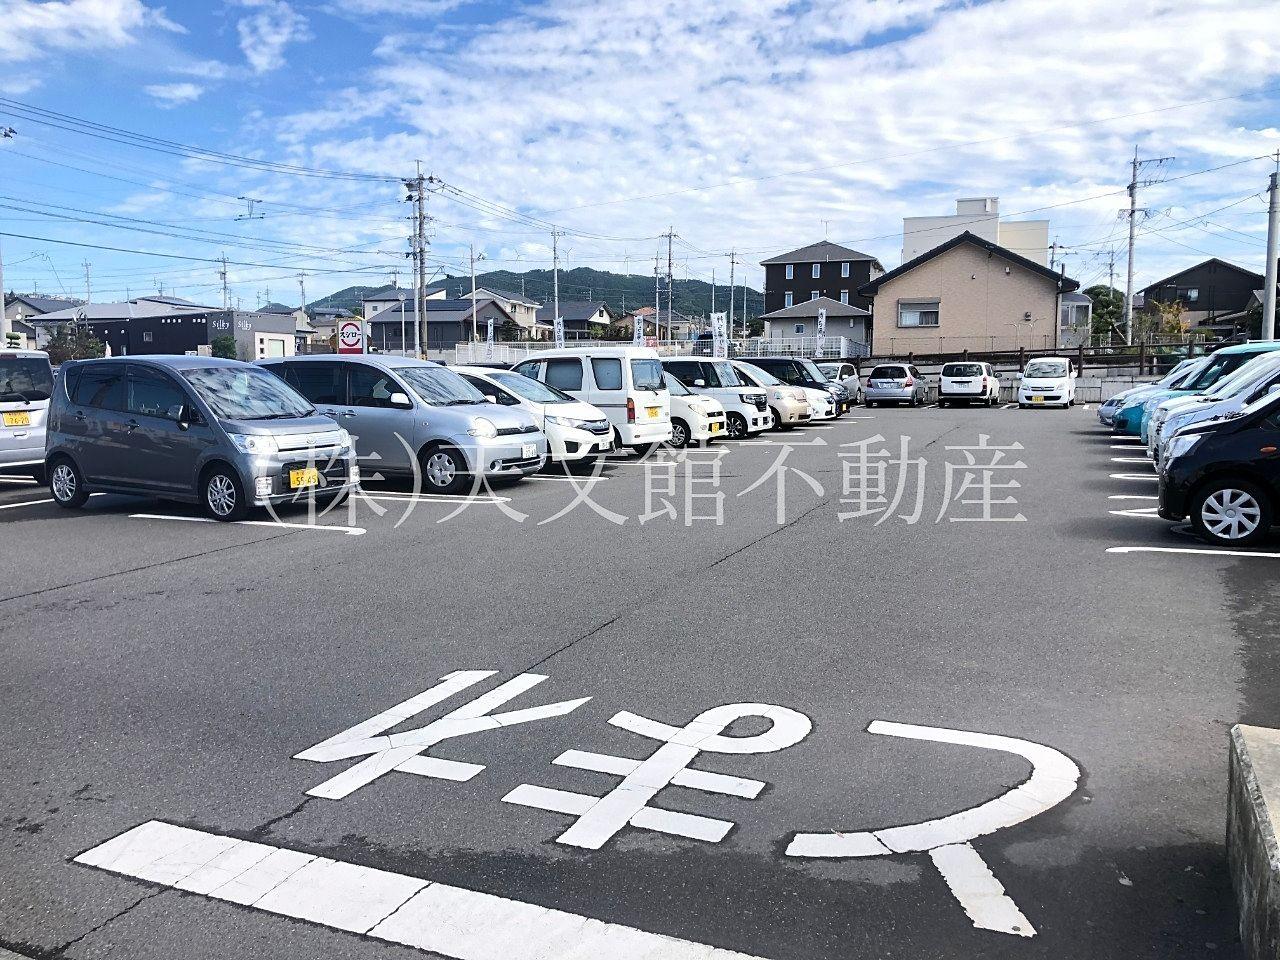 スシロー吉野店 駐車場も広いです。